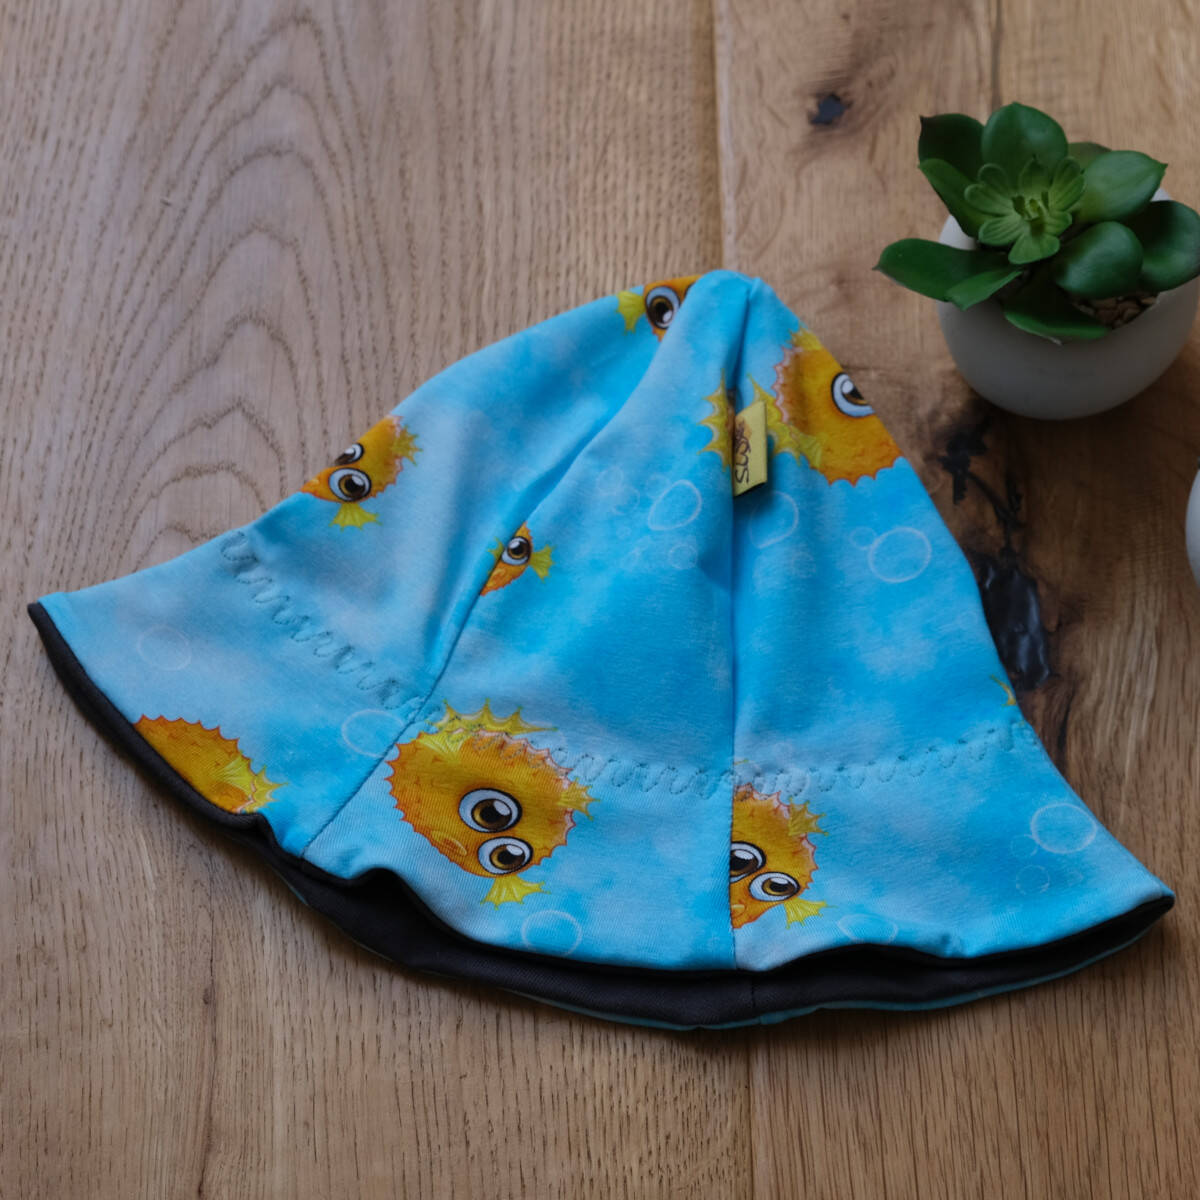 Sonnenhut, Schlapphut mit Krempe als Schutz vor der Sonne für Babys und Kinder